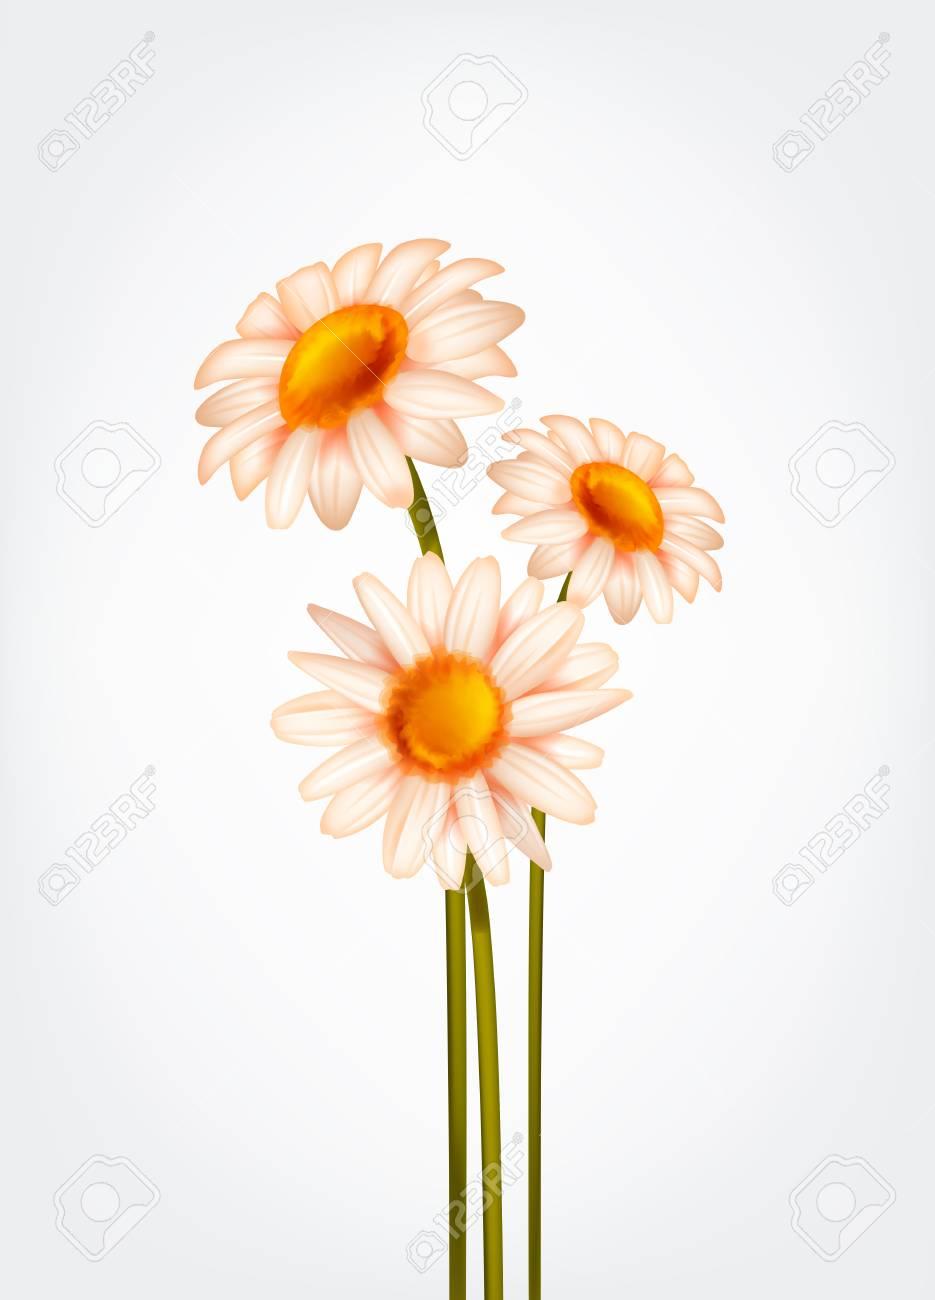 Fresh Daisy flowers, marguerite, chamomile isolated. - 125298574